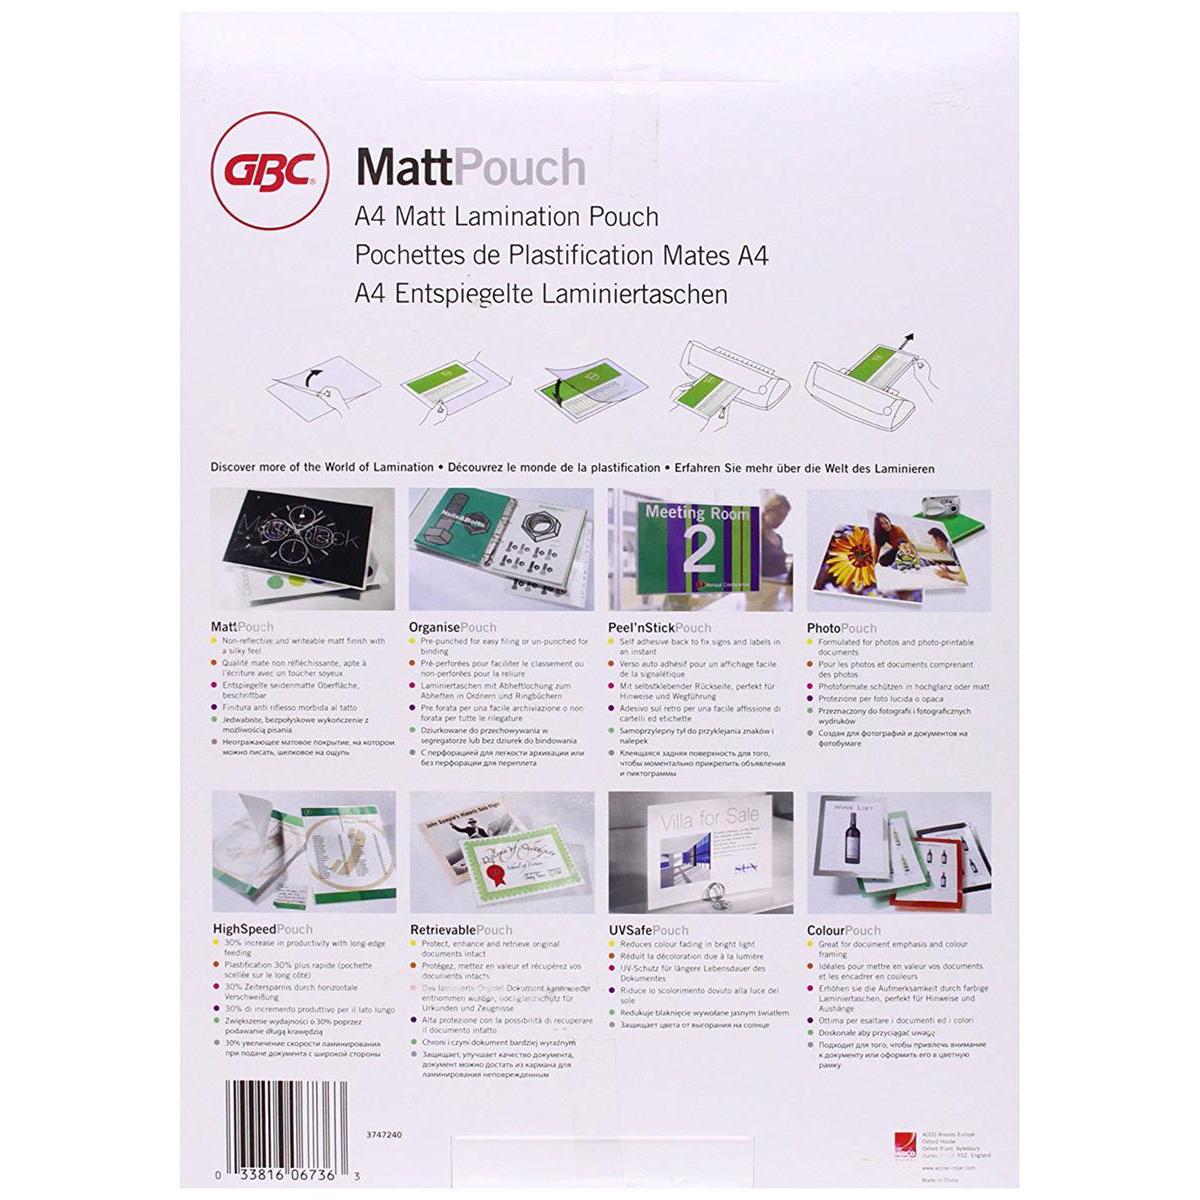 GBC Laminating Pouches Matt 150 Micron for A4 Ref 3747240 Pack 100